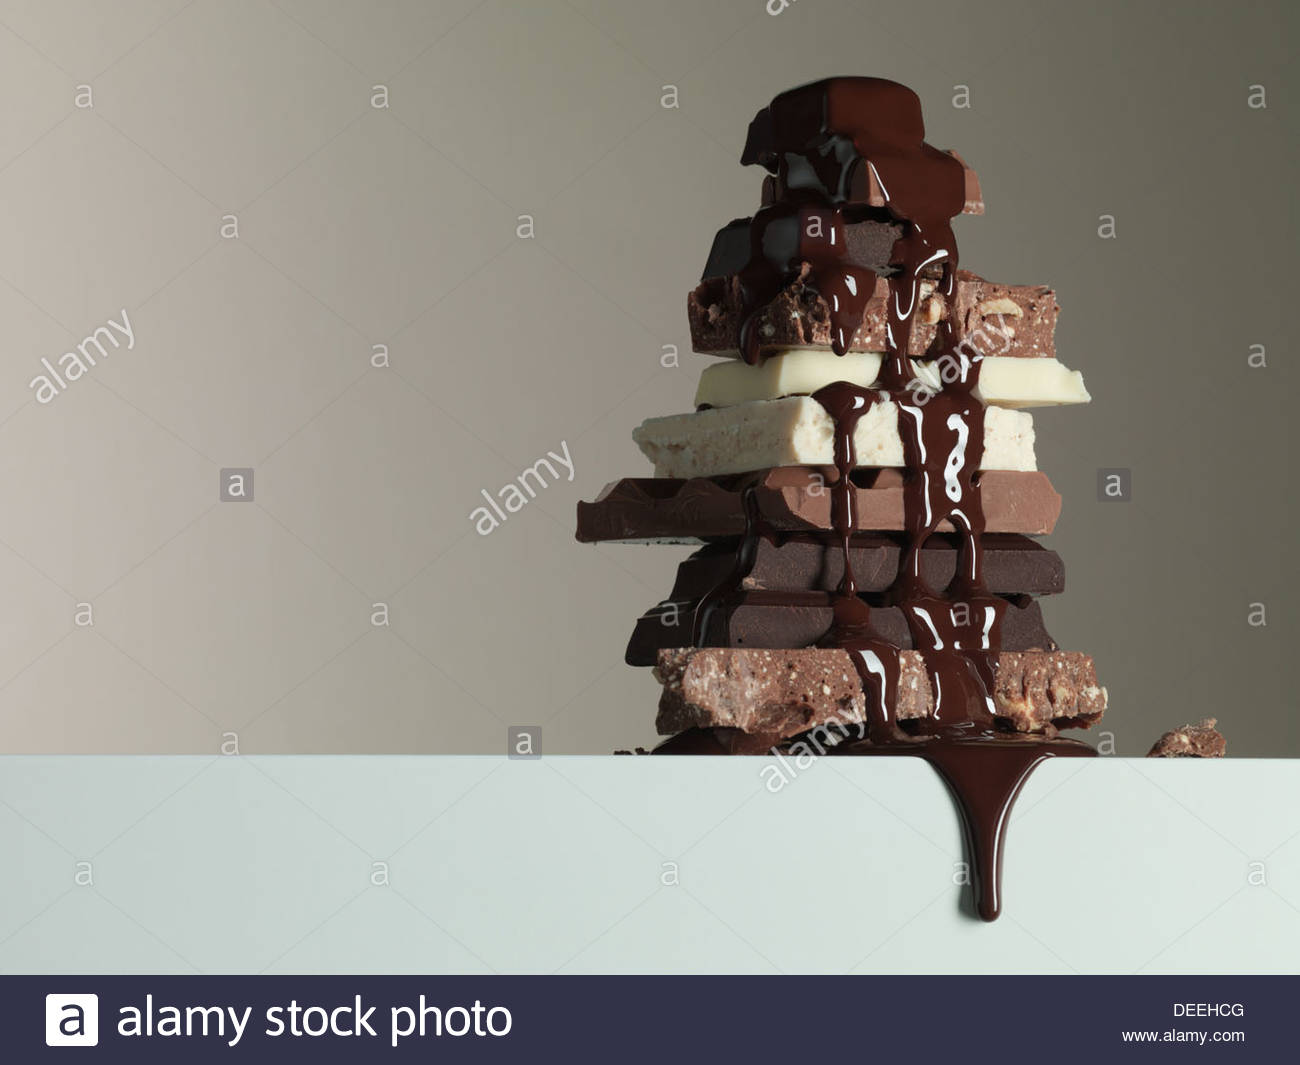 Jarabe de chocolate goteando a través de la pila de barras de chocolate Imagen De Stock